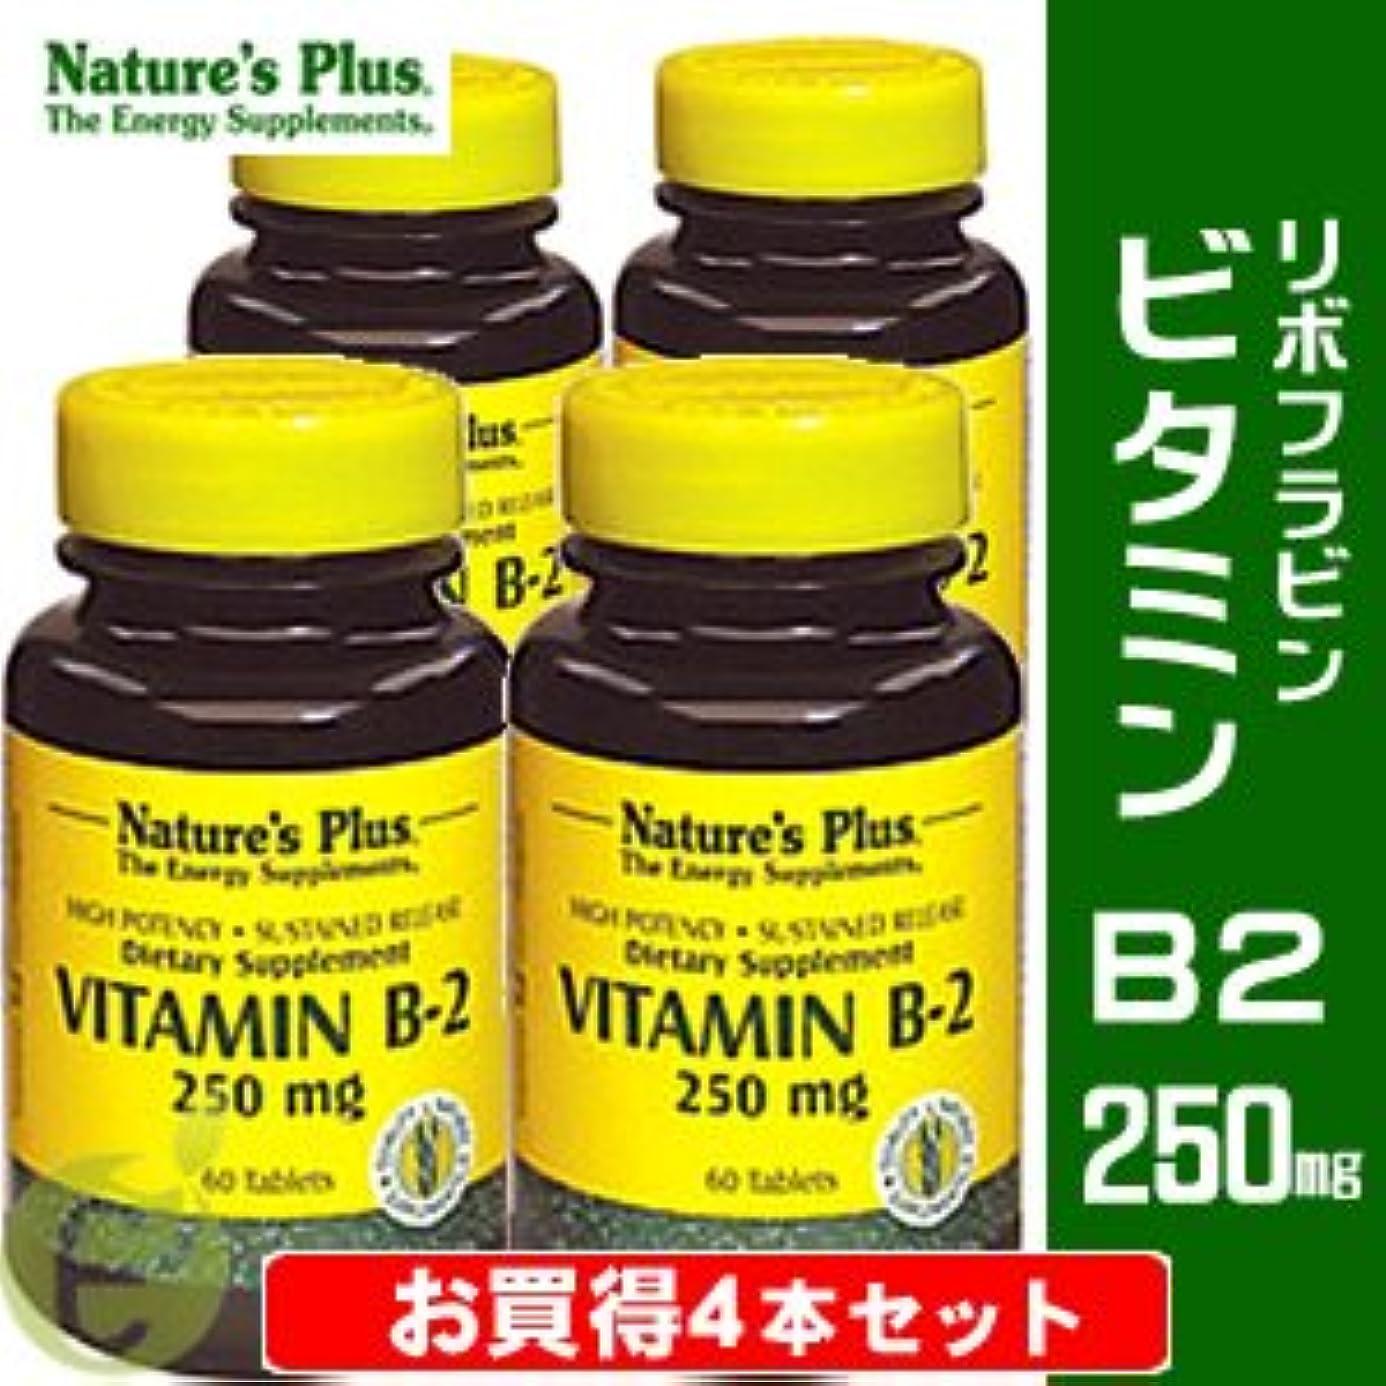 れんが粘り強い側ビタミンB2 250mg (リボフラビン) 【お買得4本セット】